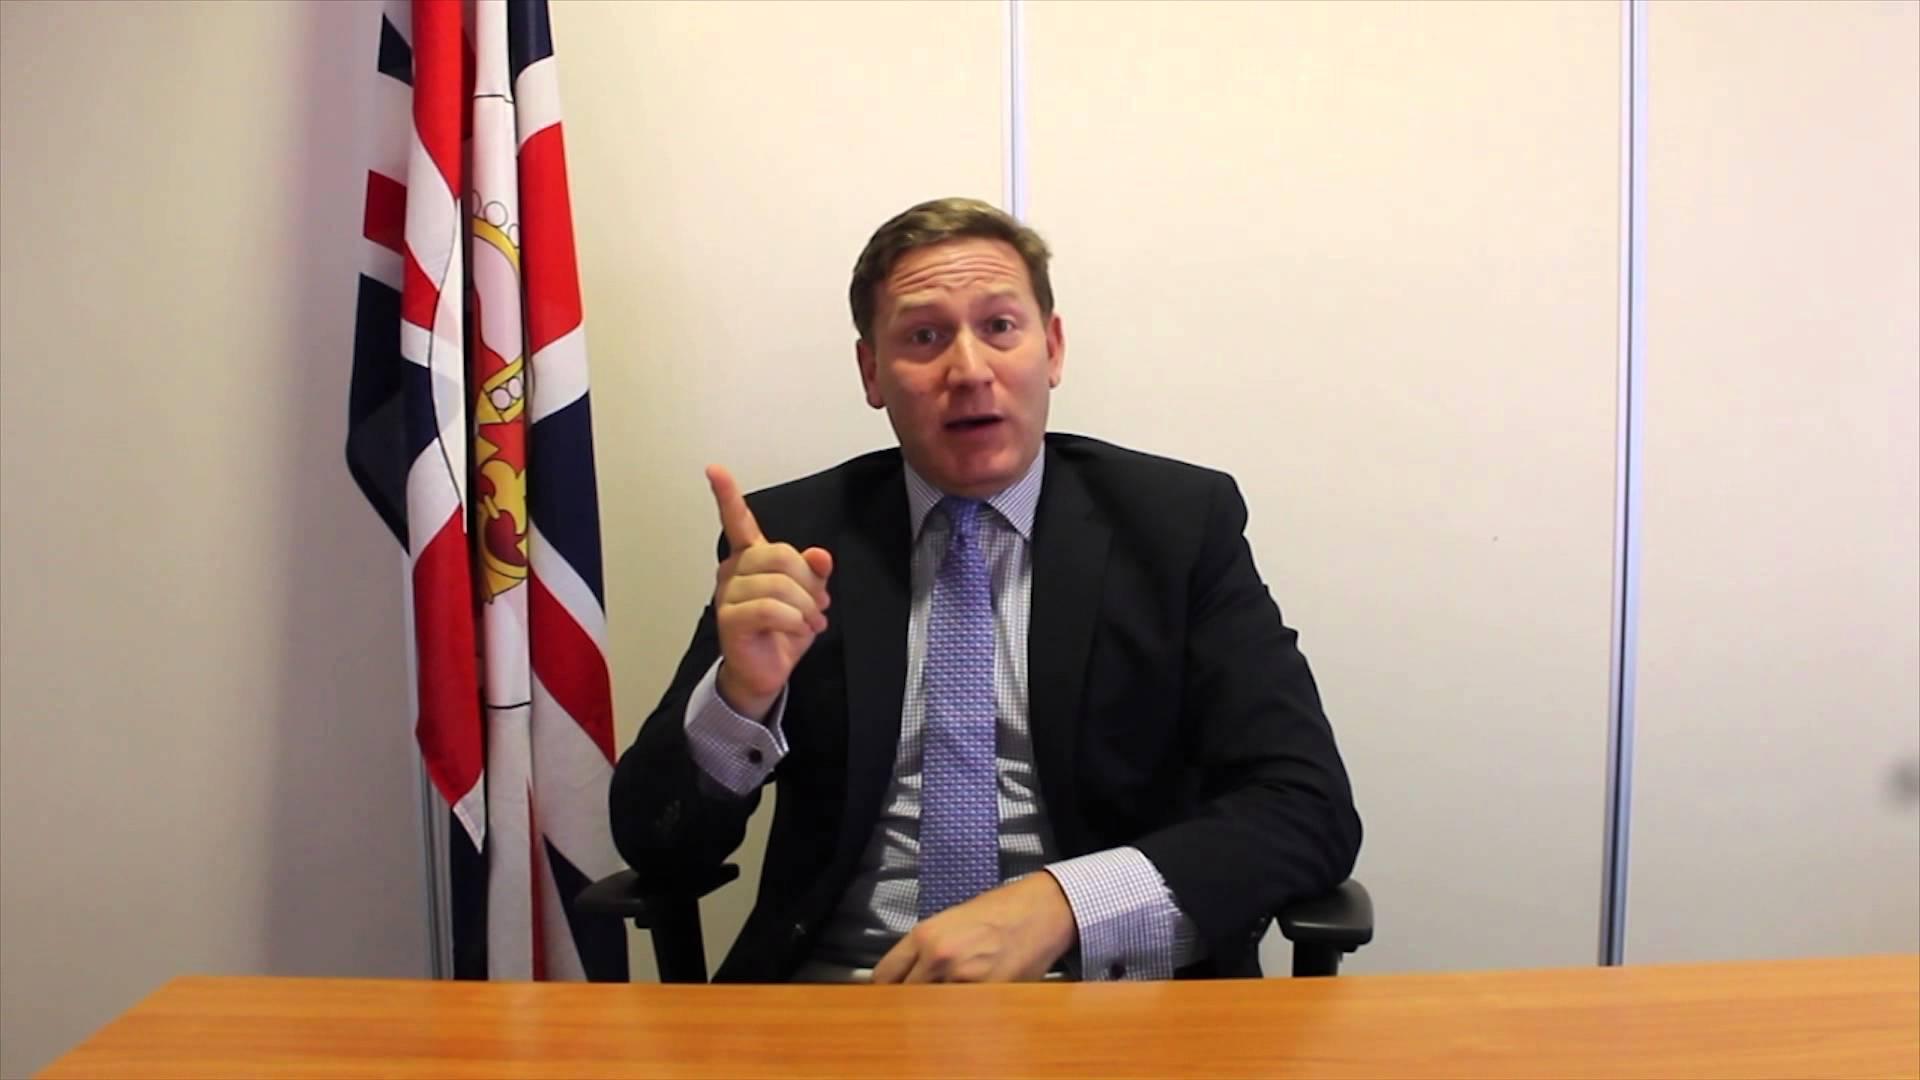 المتحدث باسم الحكومة البريطانية في الشرق الأوسط وشمال إفريقيا، إدوين صمويل